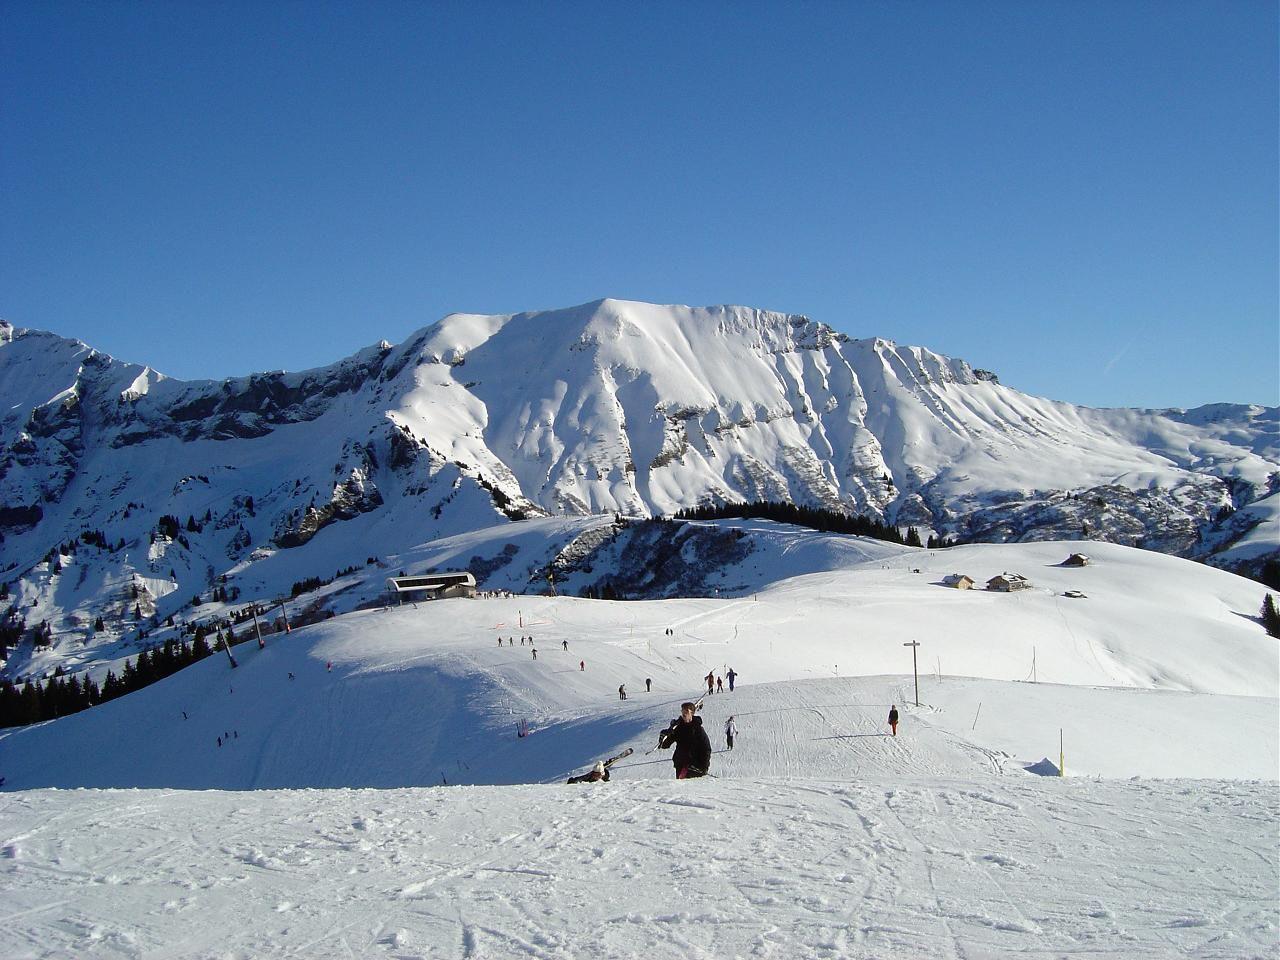 Domaine skiable MEGEVE_Megève